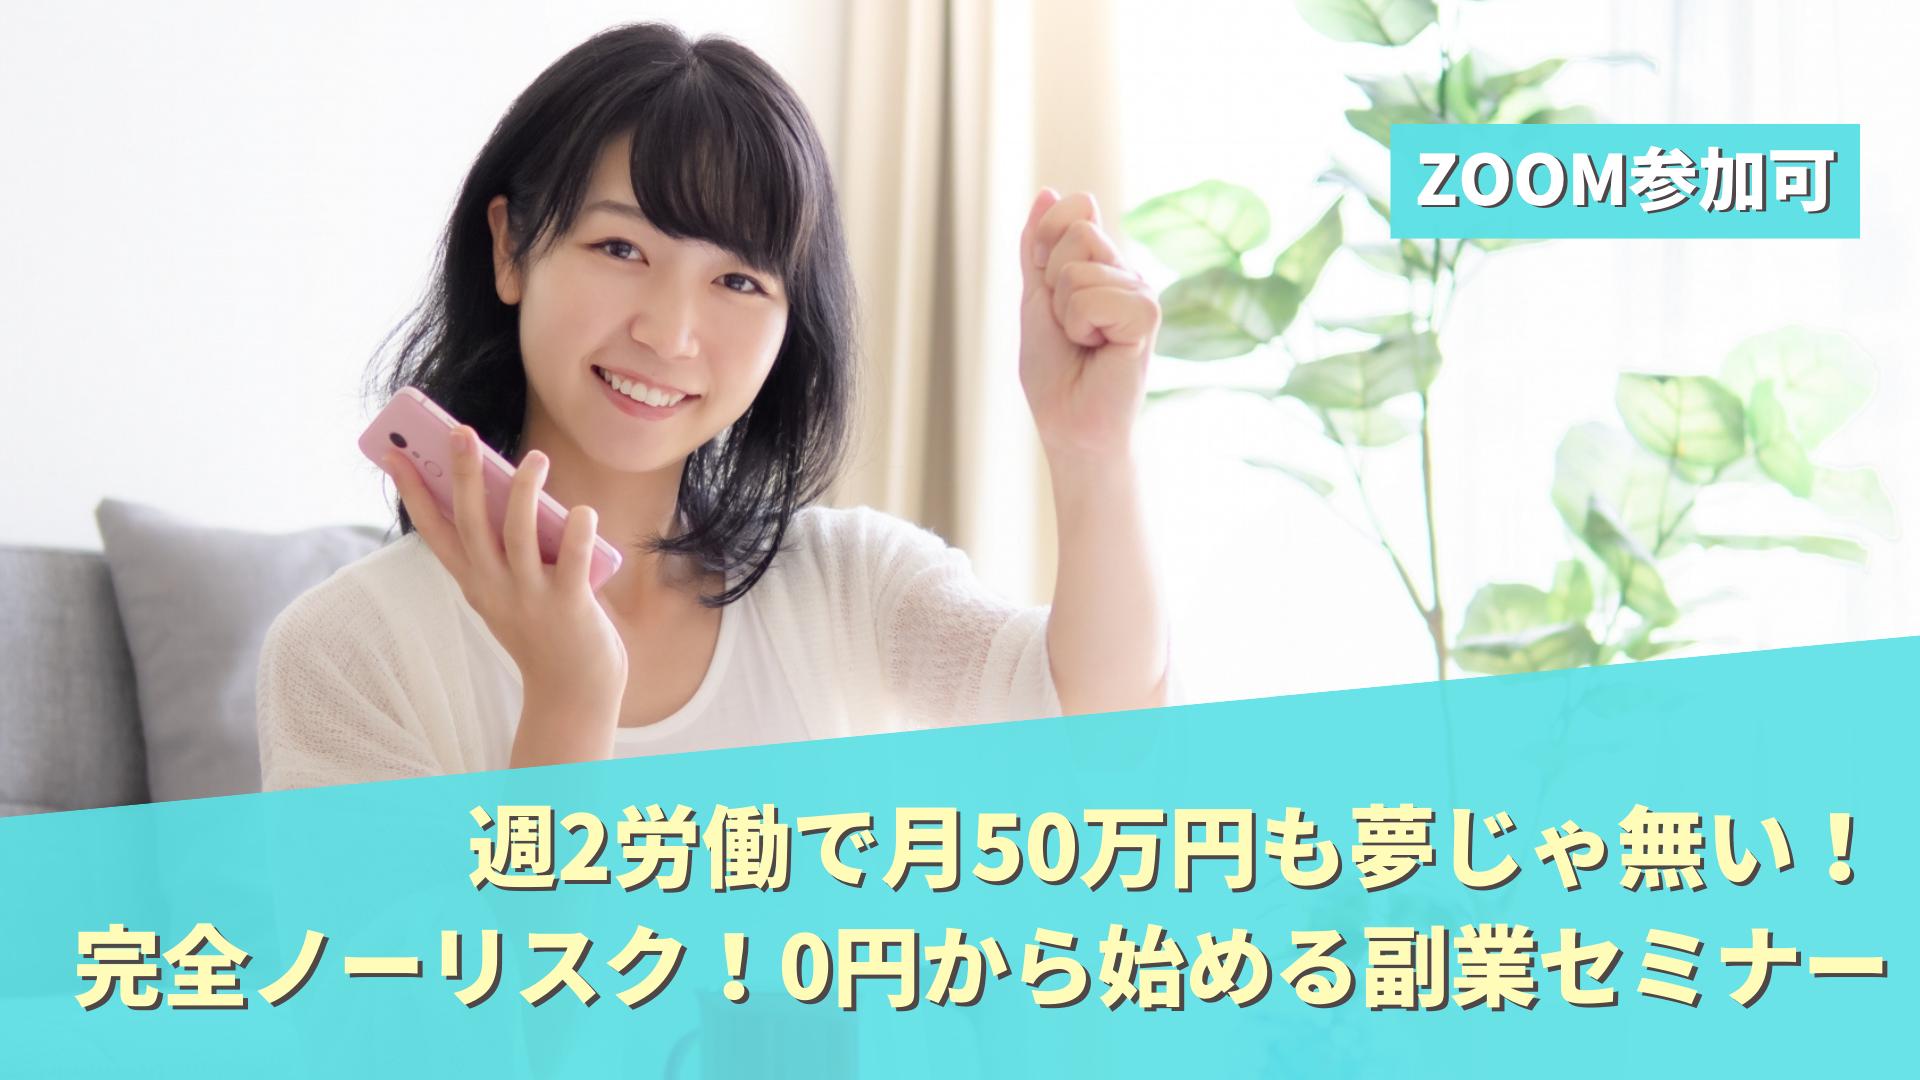 3/28 週2労働で月50万円も夢じゃ無い! 完全ノーリスク!0円から始める副業セミナー